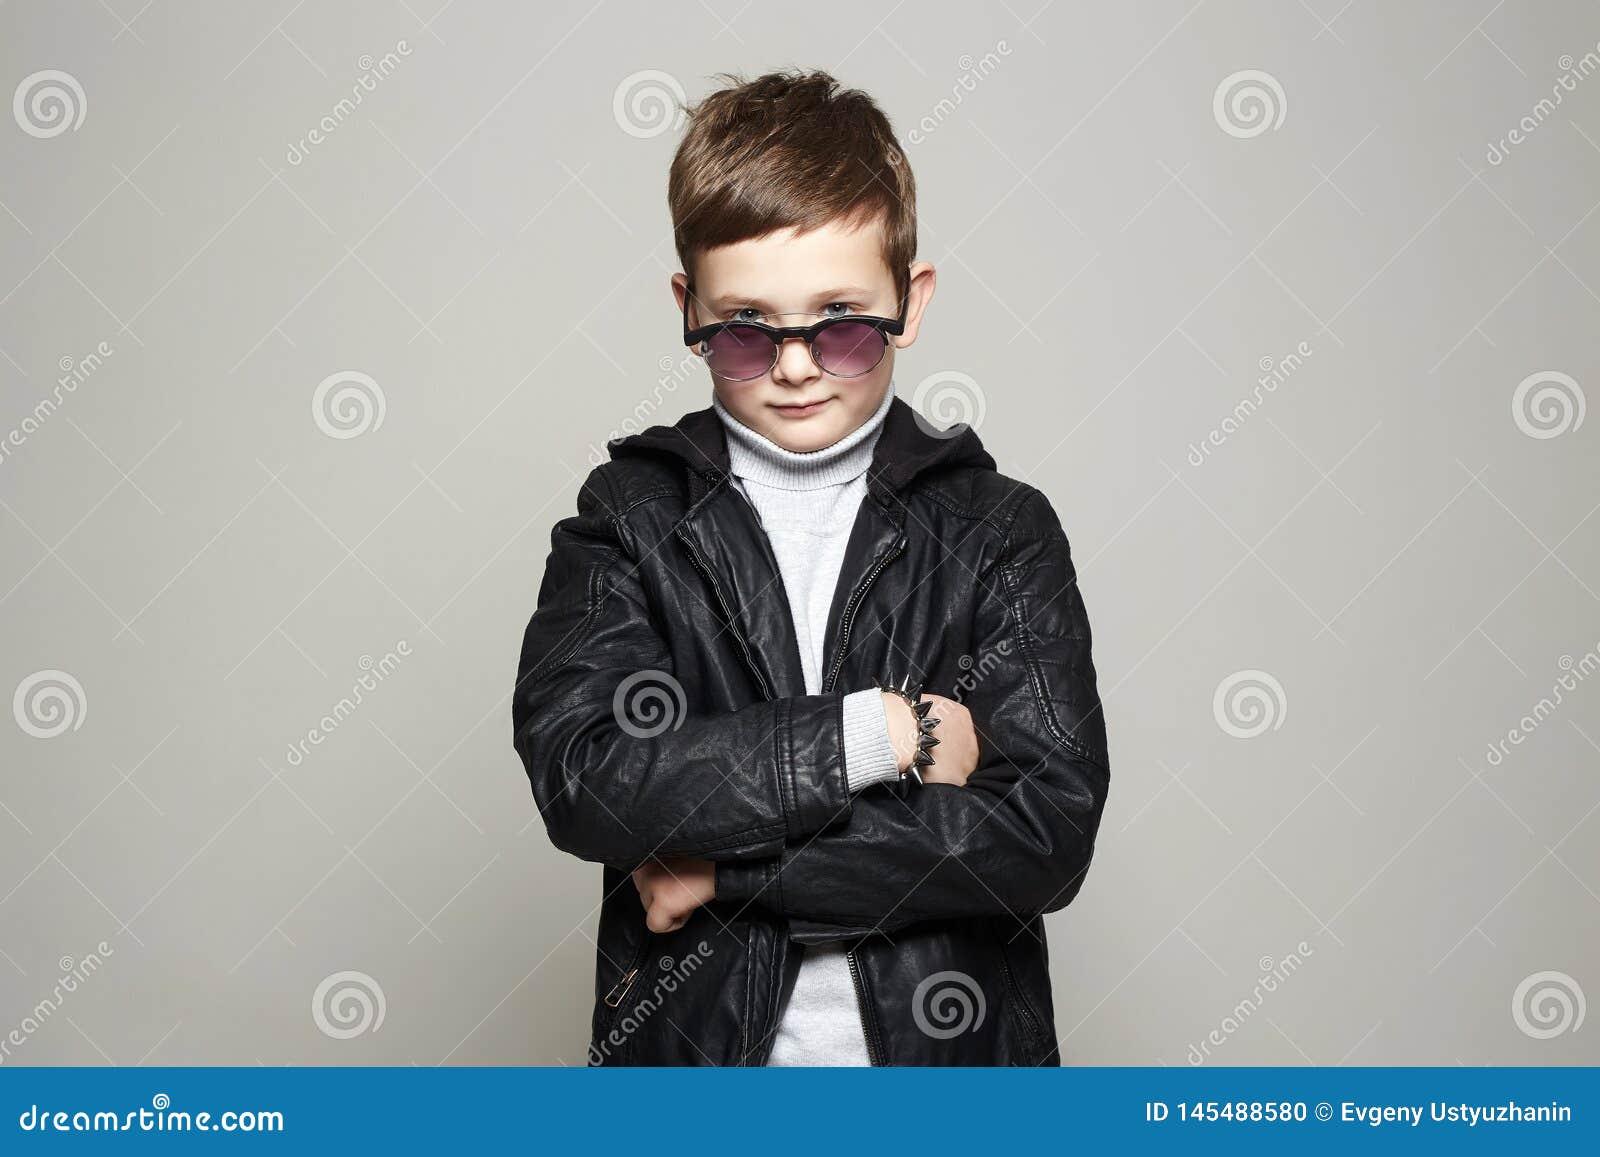 Petit gar?on ? la mode dans des lunettes de soleil gosse ?l?gant